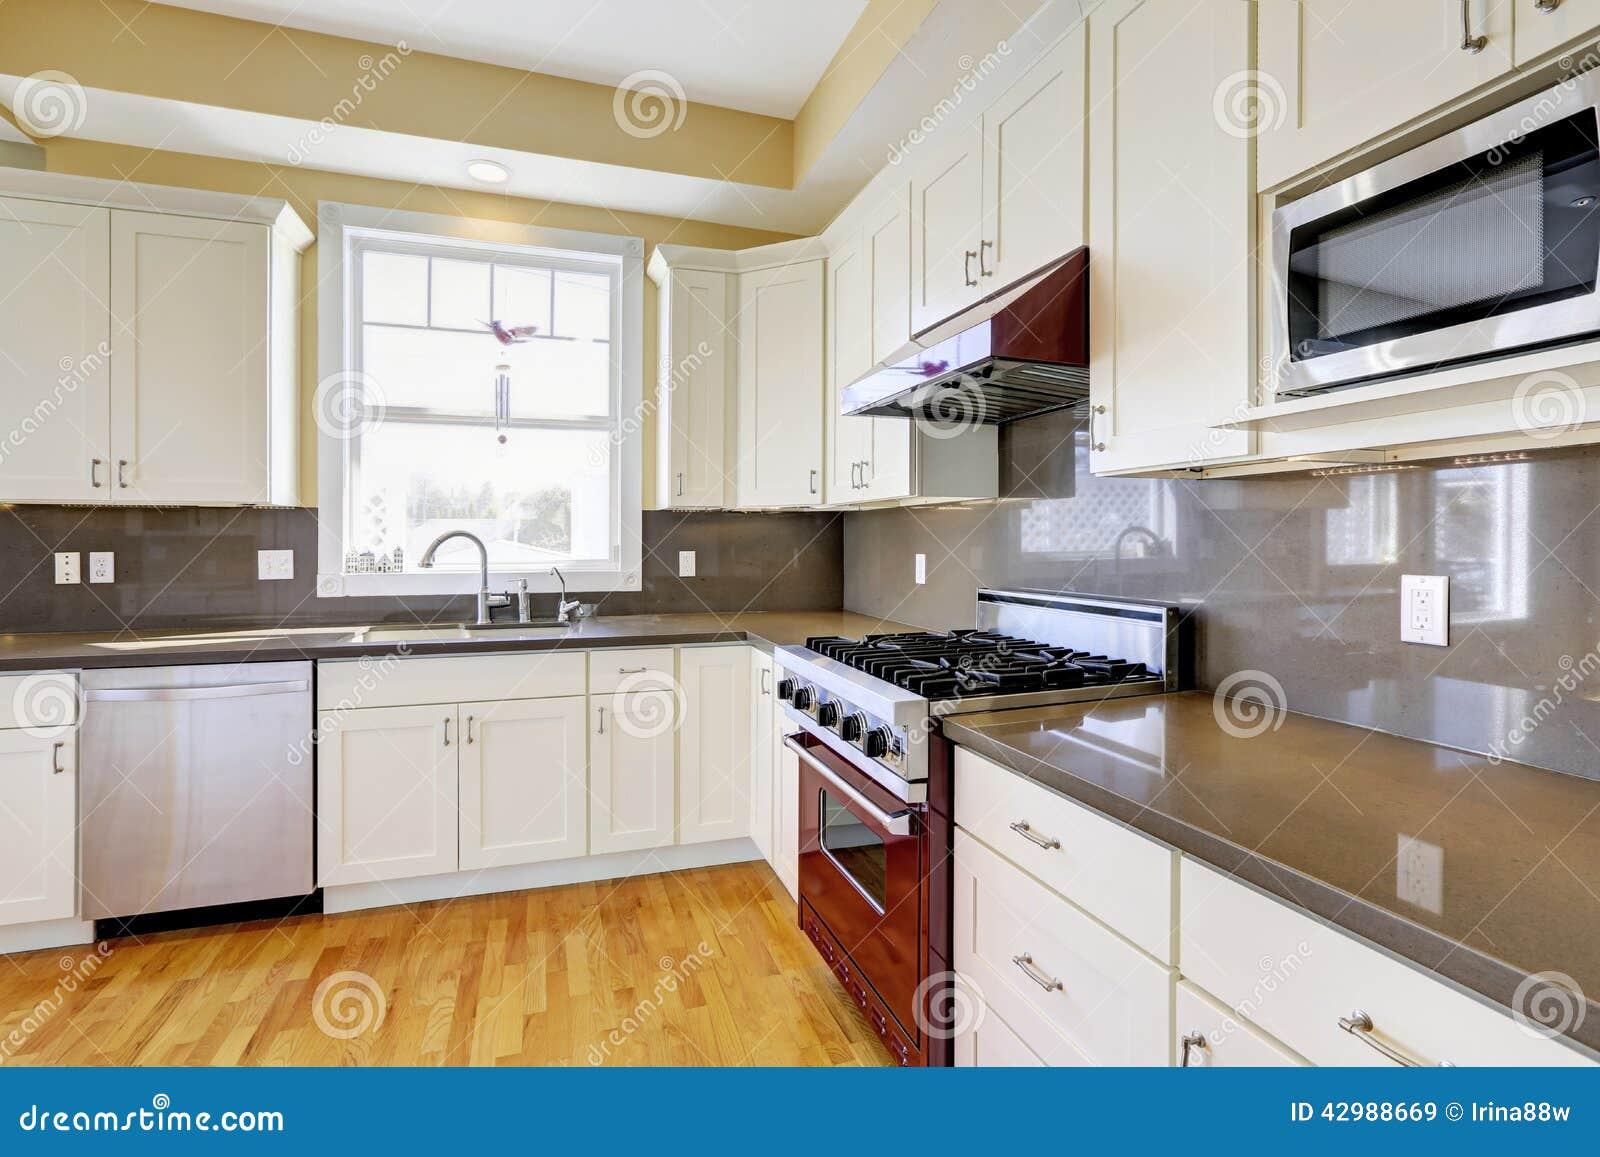 Vitt kök med burgundy ugn  och grå färgräknareblast arkivfoto ...